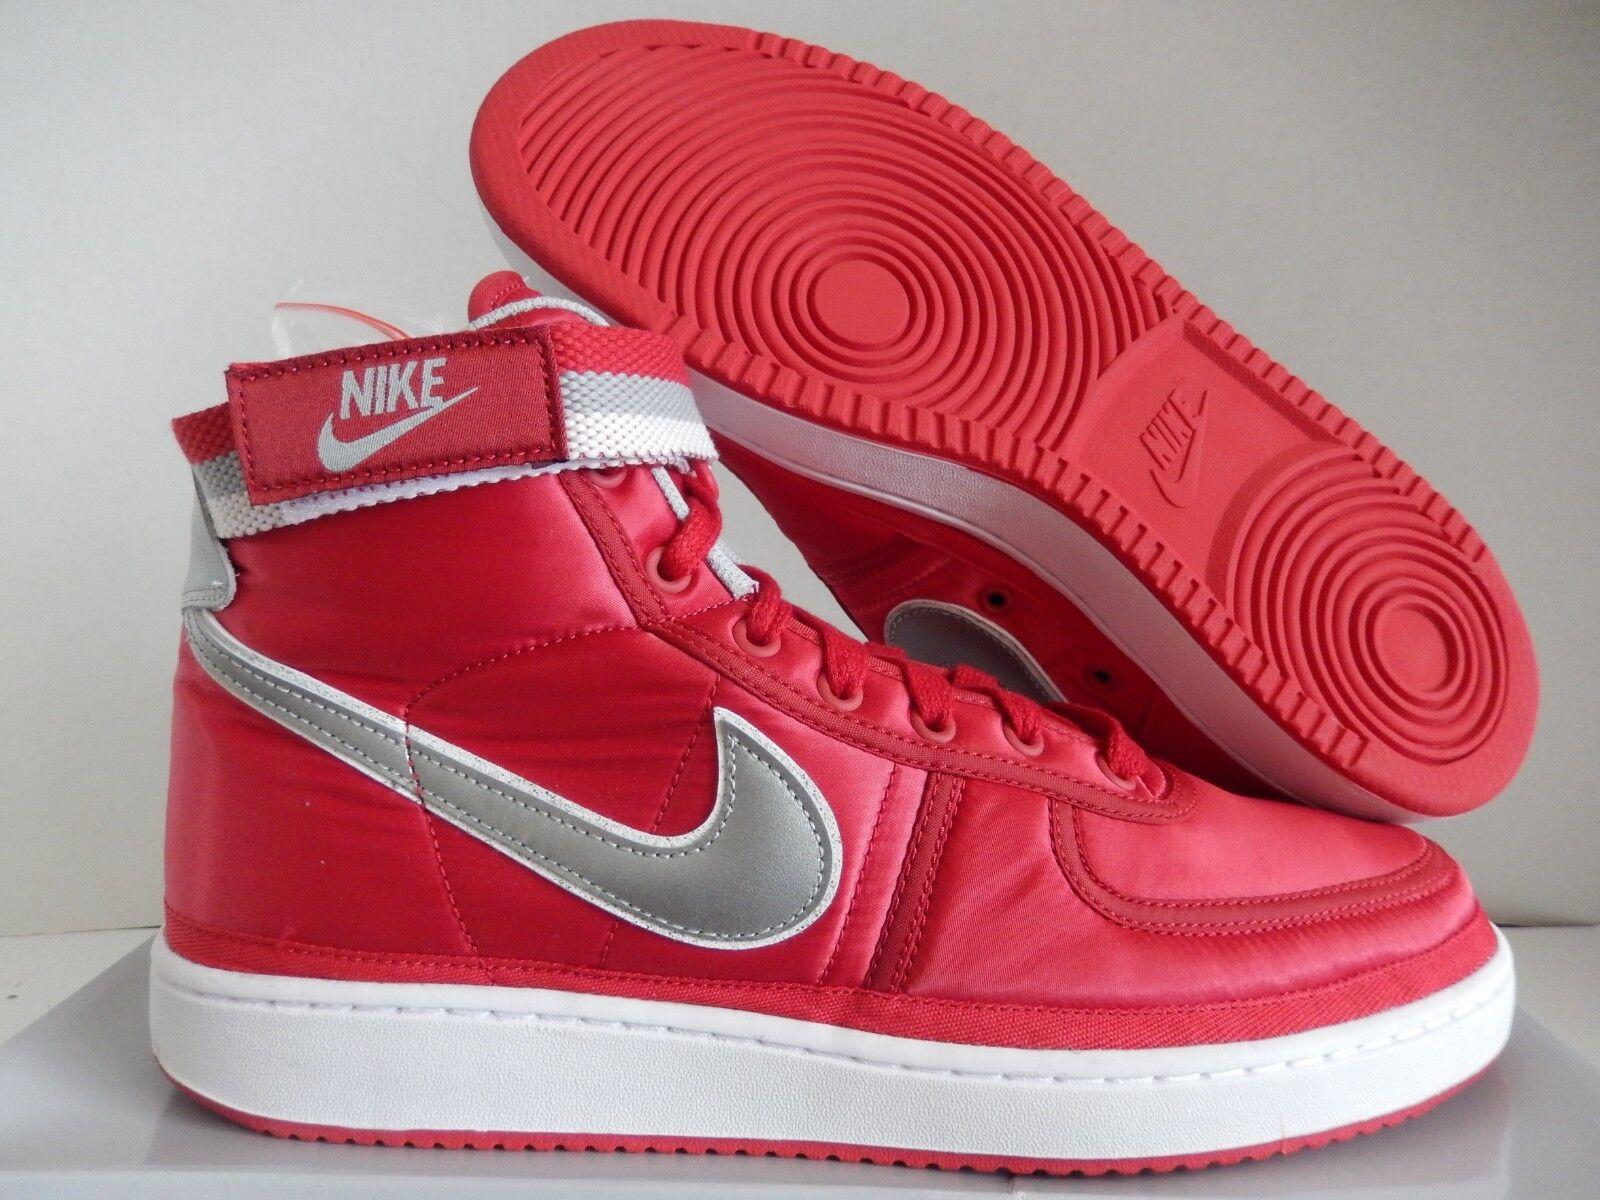 Nike Vandal red-metallic High Supreme QS University red-metallic Vandal la reducción del precio de la plata 8e5d38